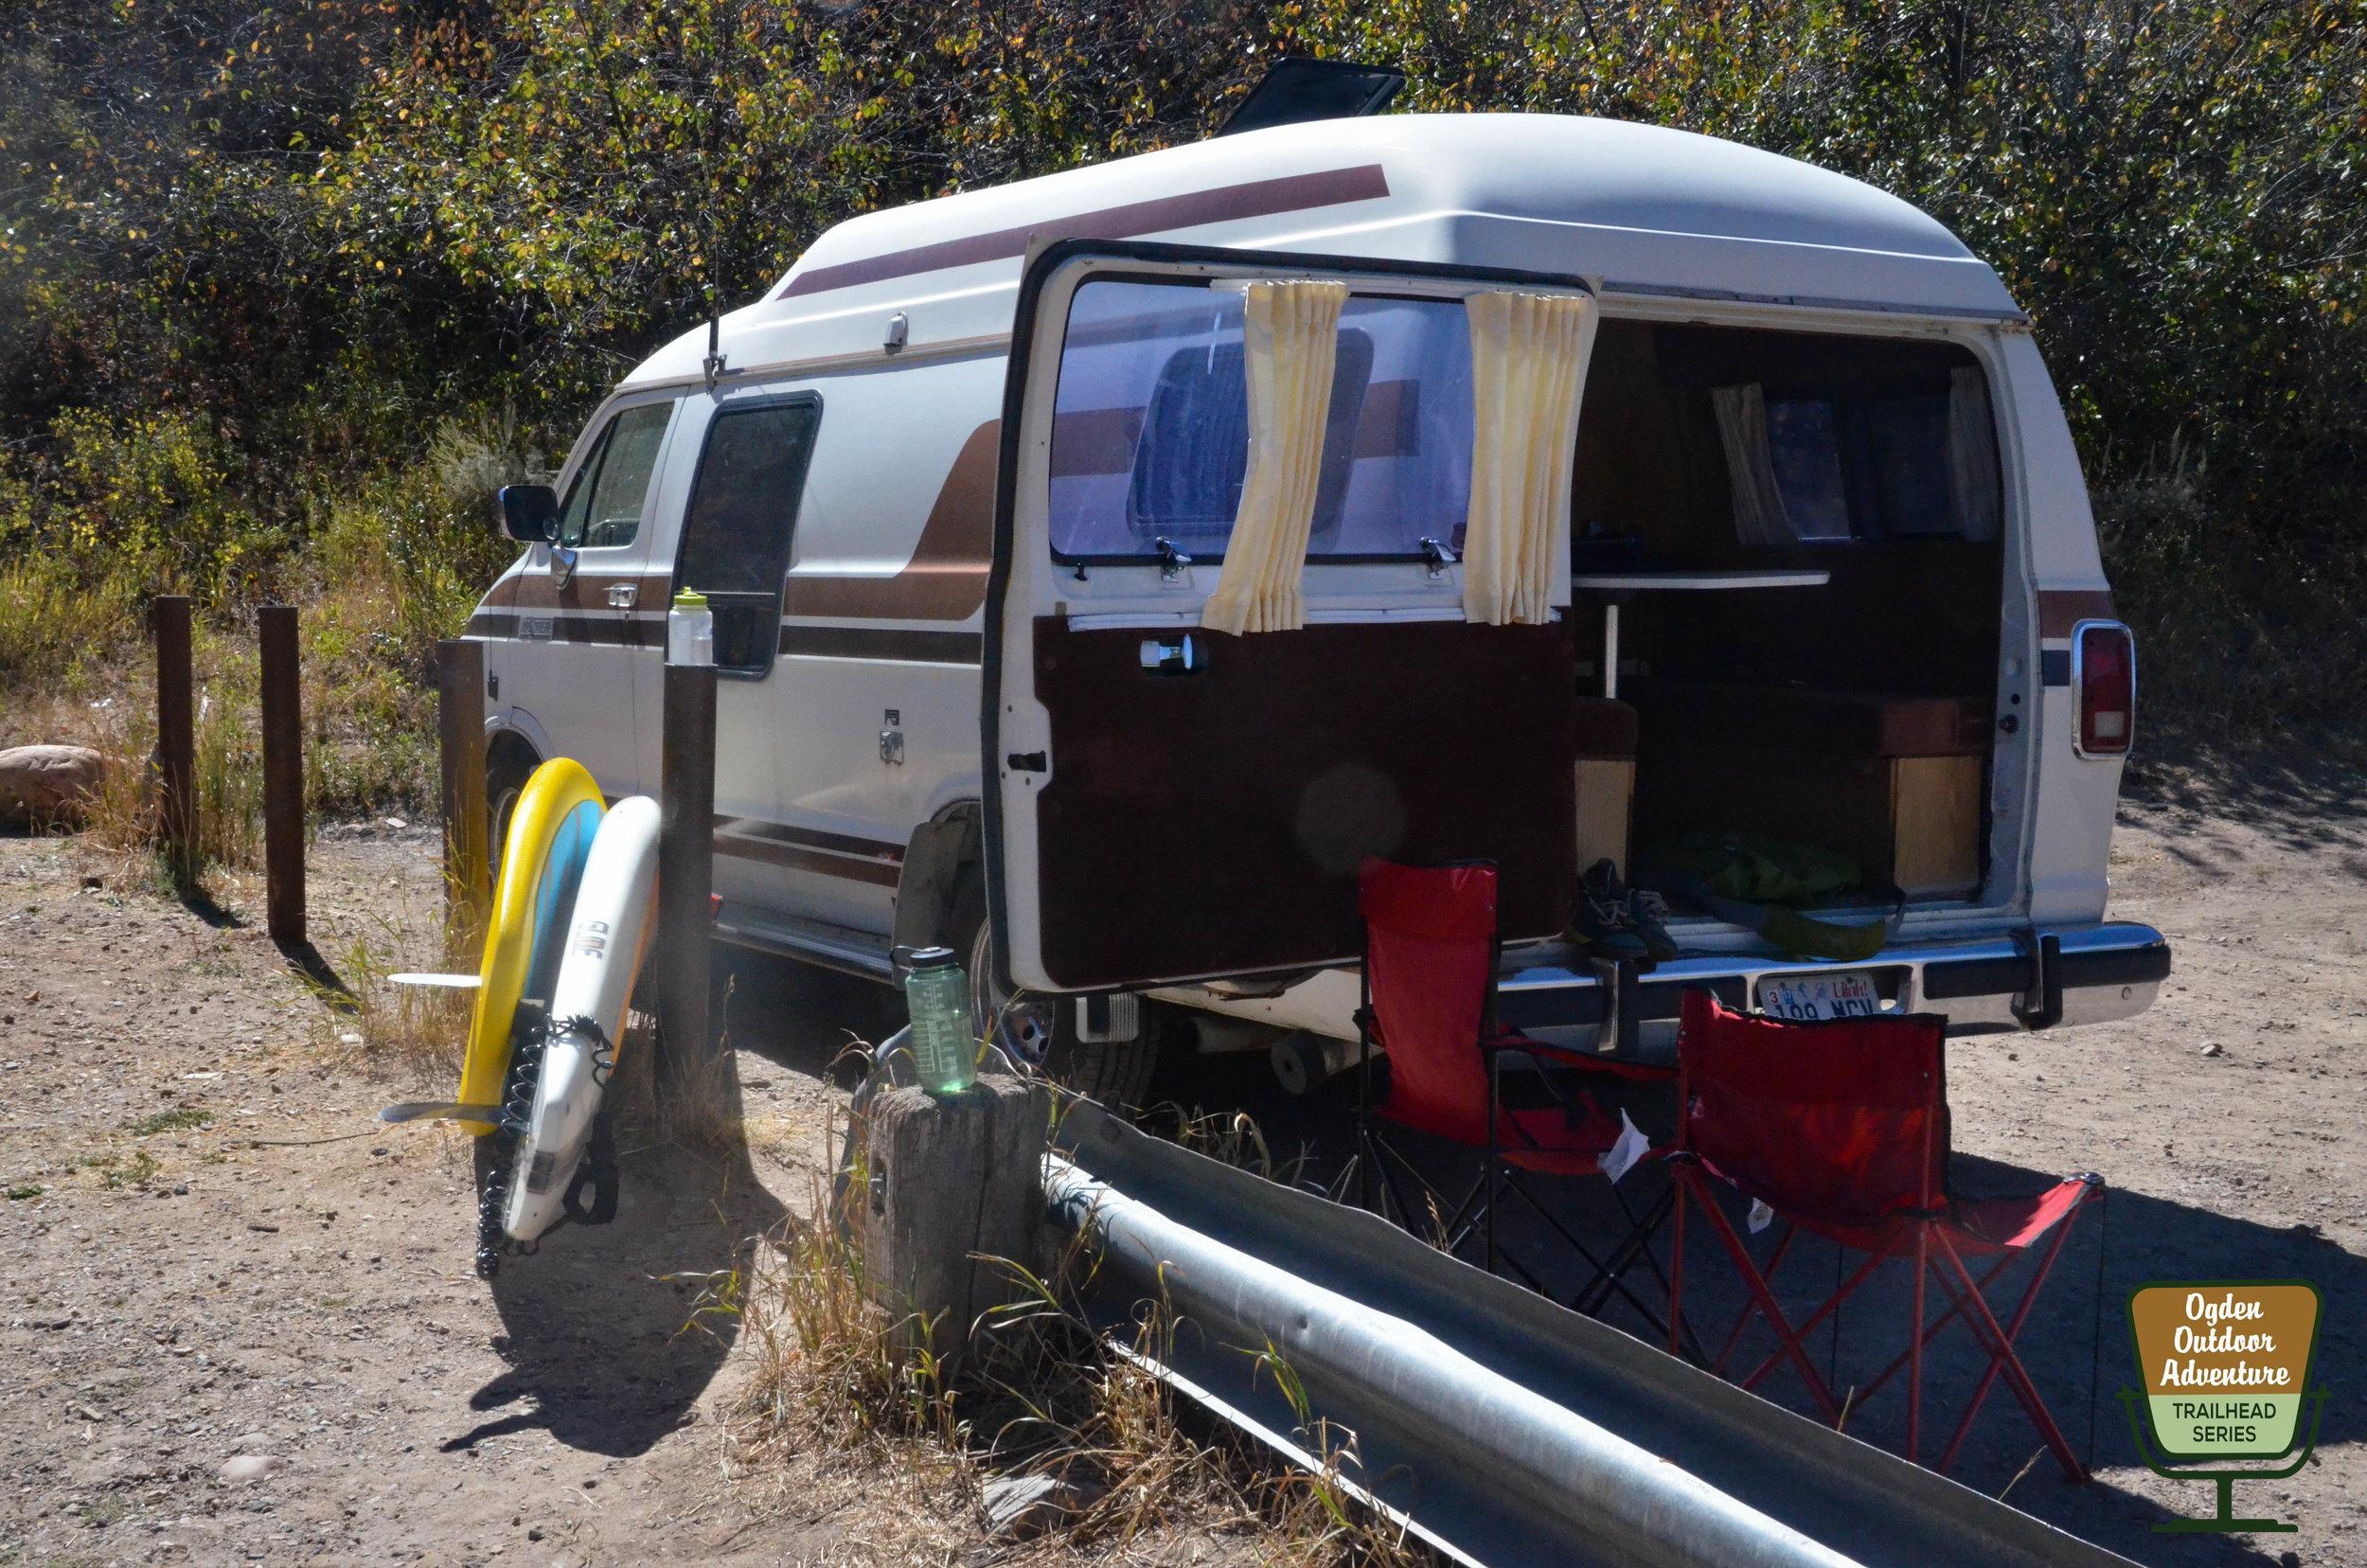 Ogden Outdoor Adventure 251, Red Spawn-10.jpg